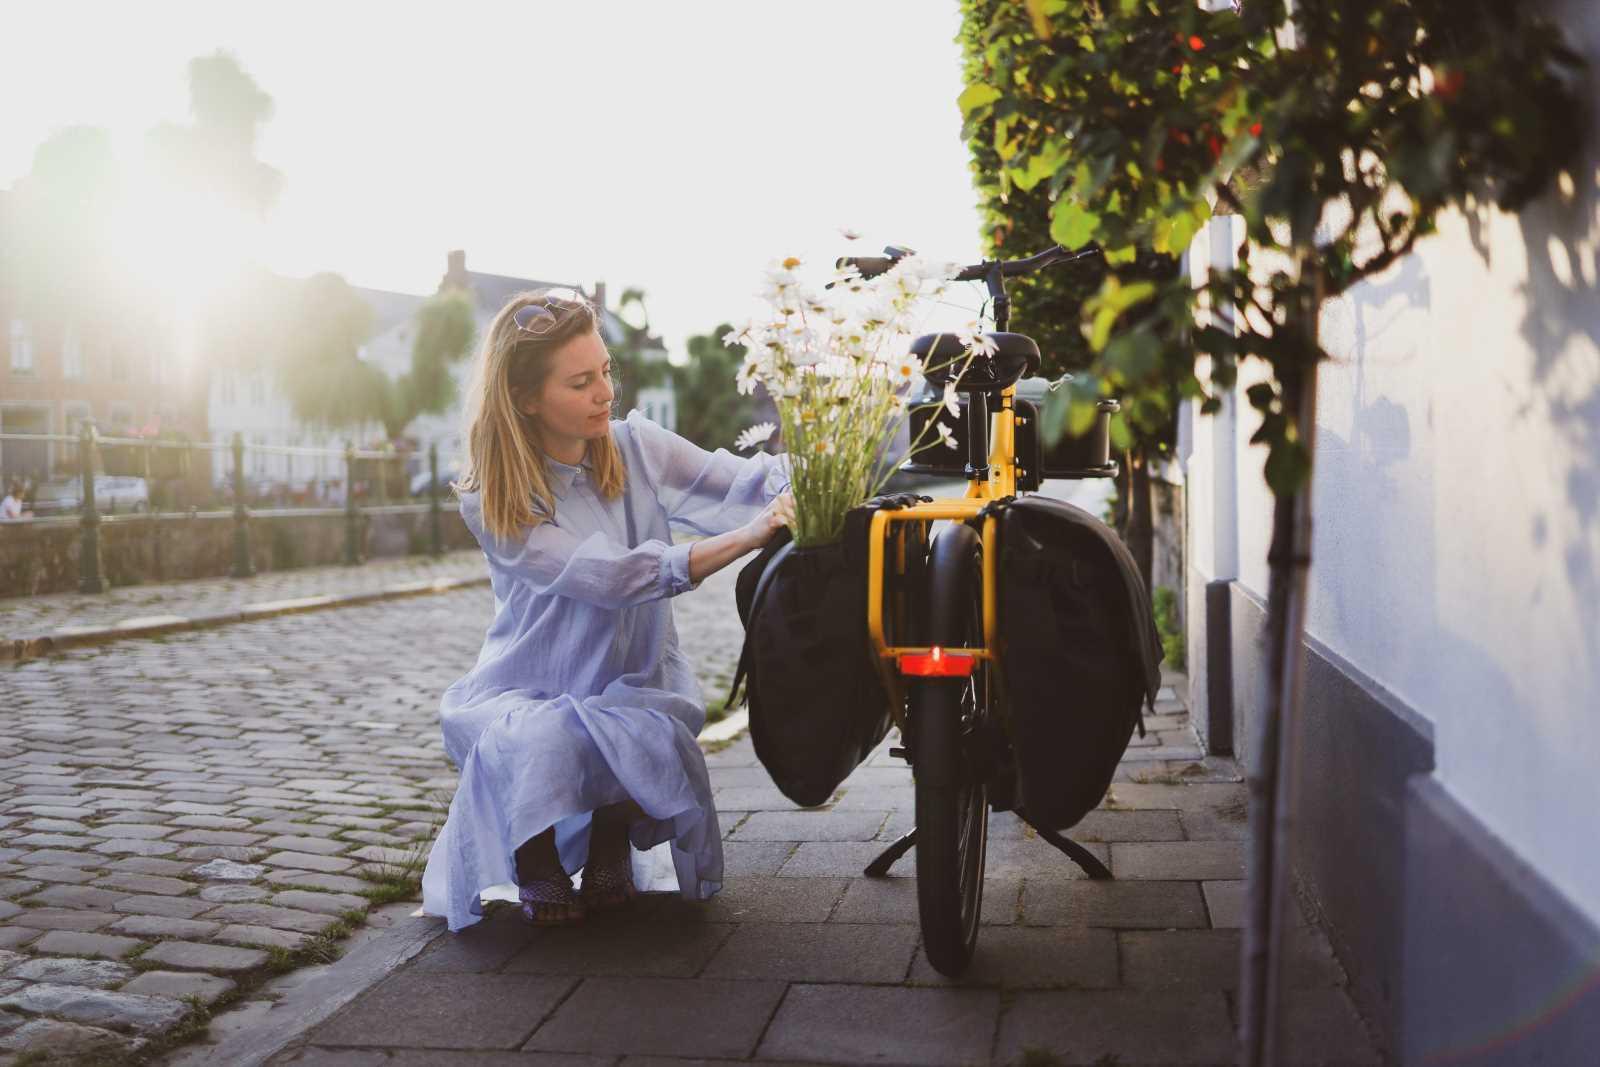 Veloe Multi fiets kopen België